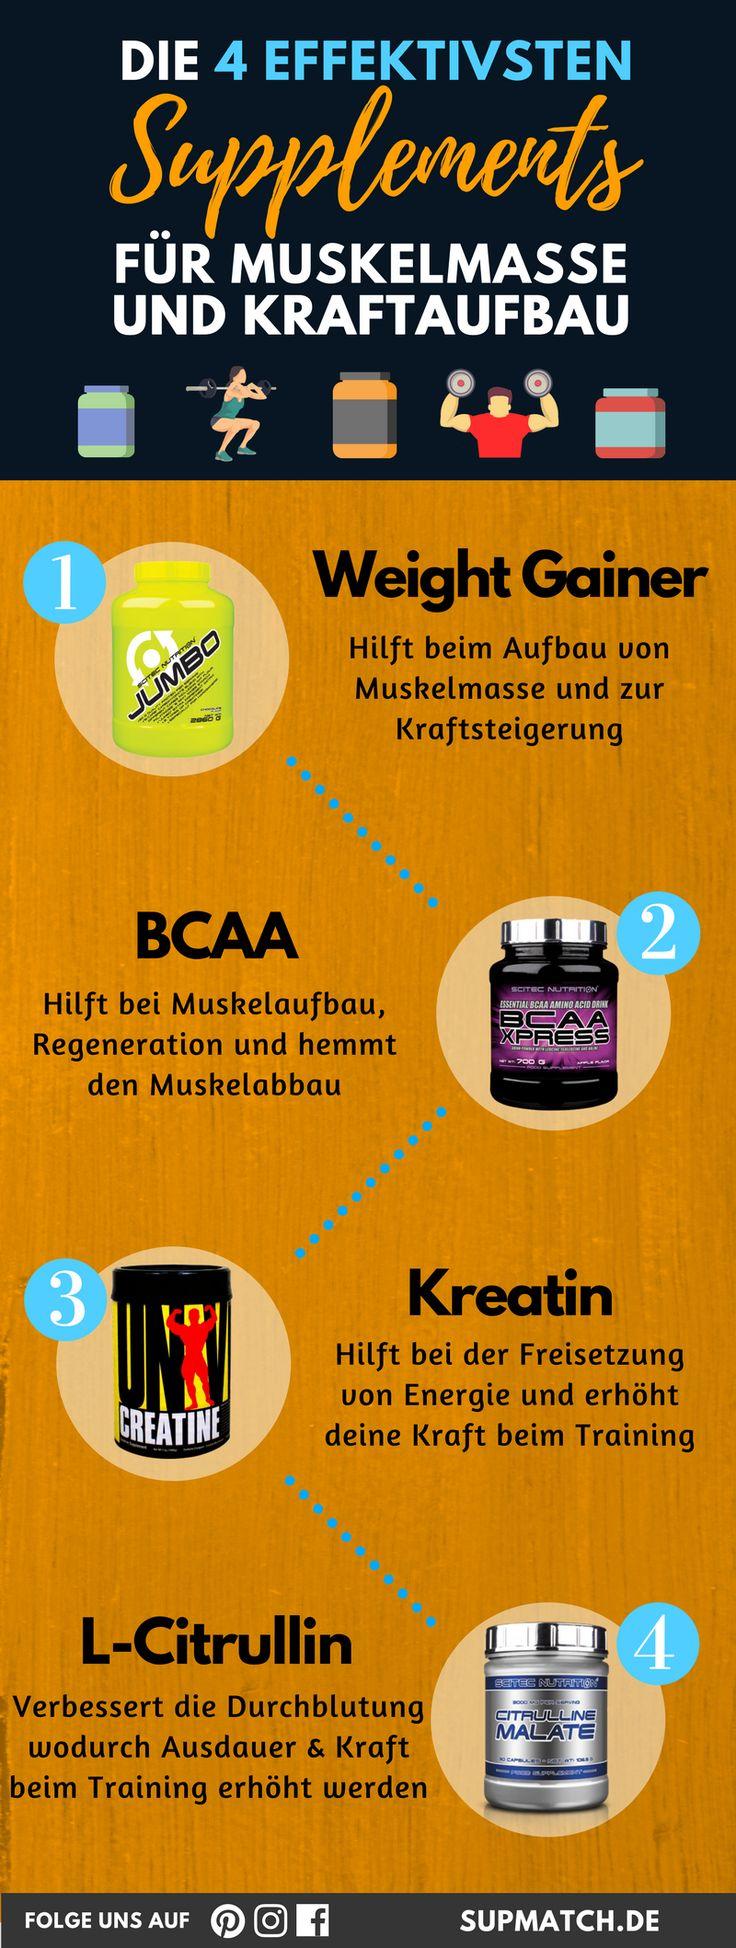 Die 4 effektivsten Supplements um Muskelmasse und Kraft aufzubauen. Erhöhe deinen Muskelaufbau.